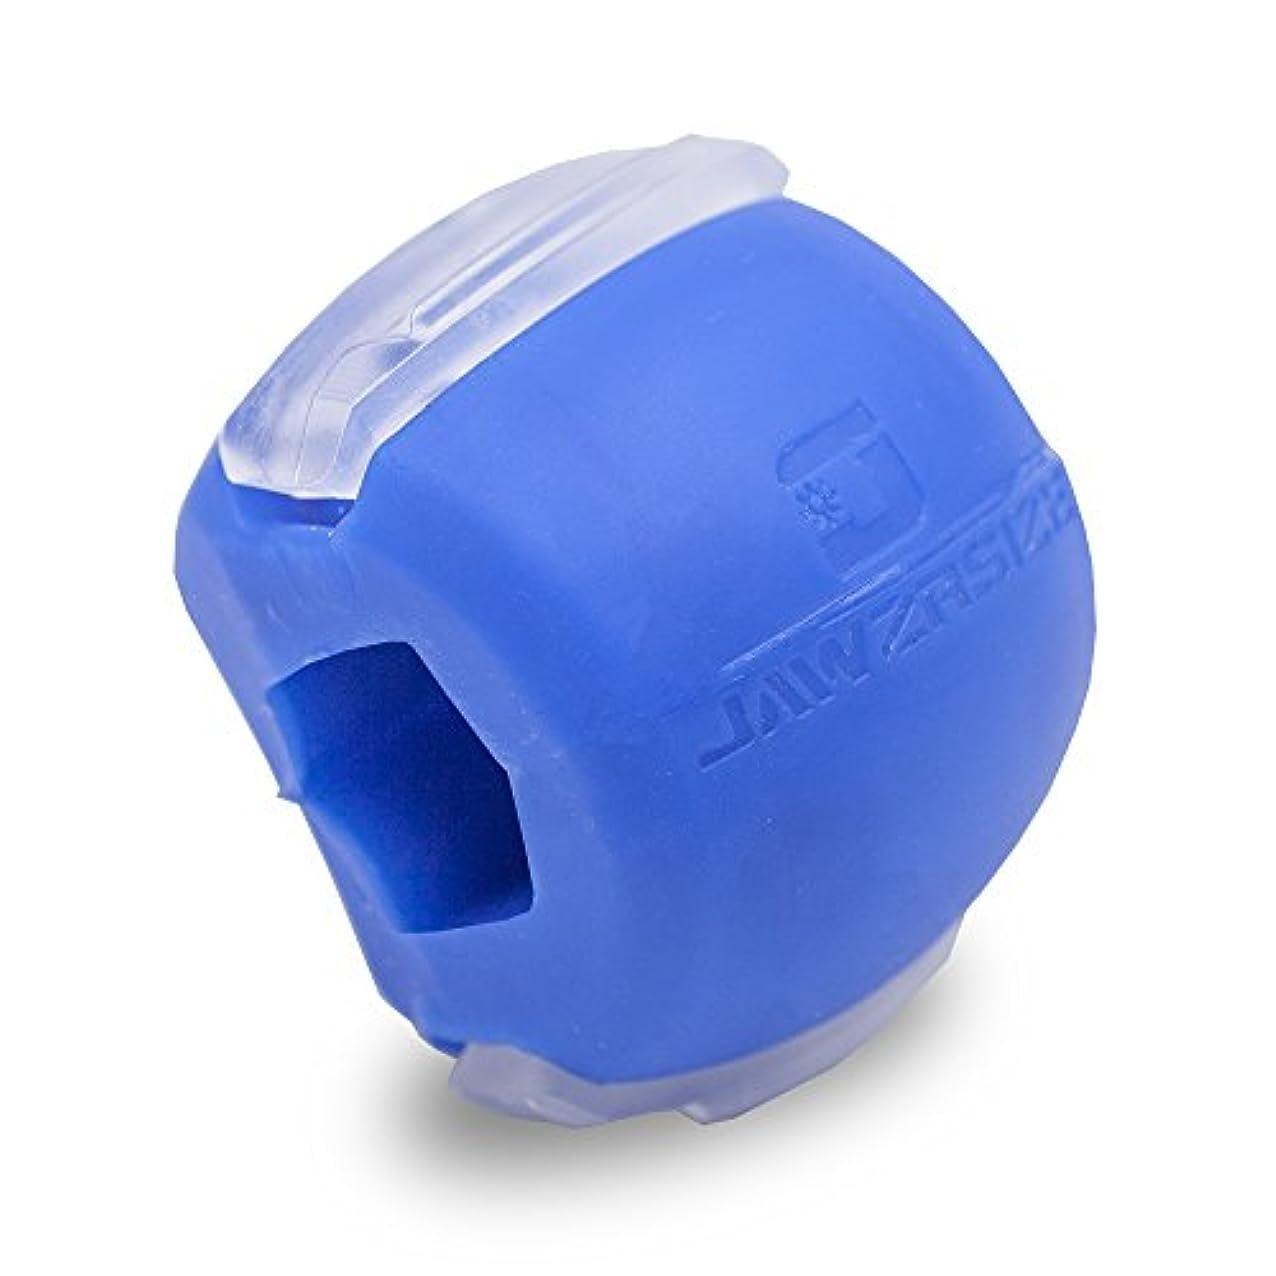 ヒット完全に排除Jawzrsize フェイストナー、ジョーエクササイザ、ネックトーニング装置 (20 Lb. 抵抗) レベル1 - 青